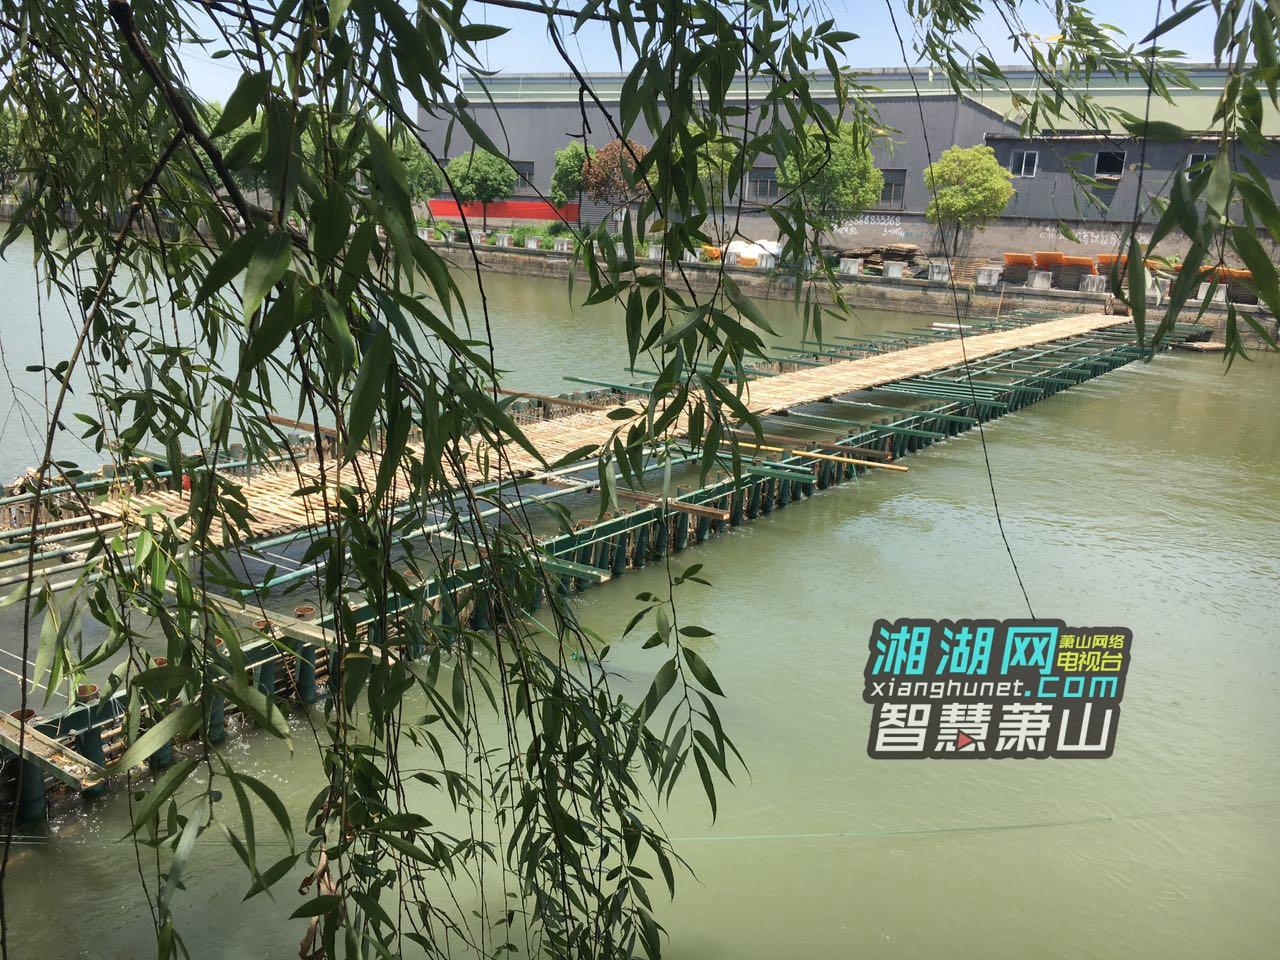 萧山一小区停车场被河水倒灌 问题出在哪?_湘湖网